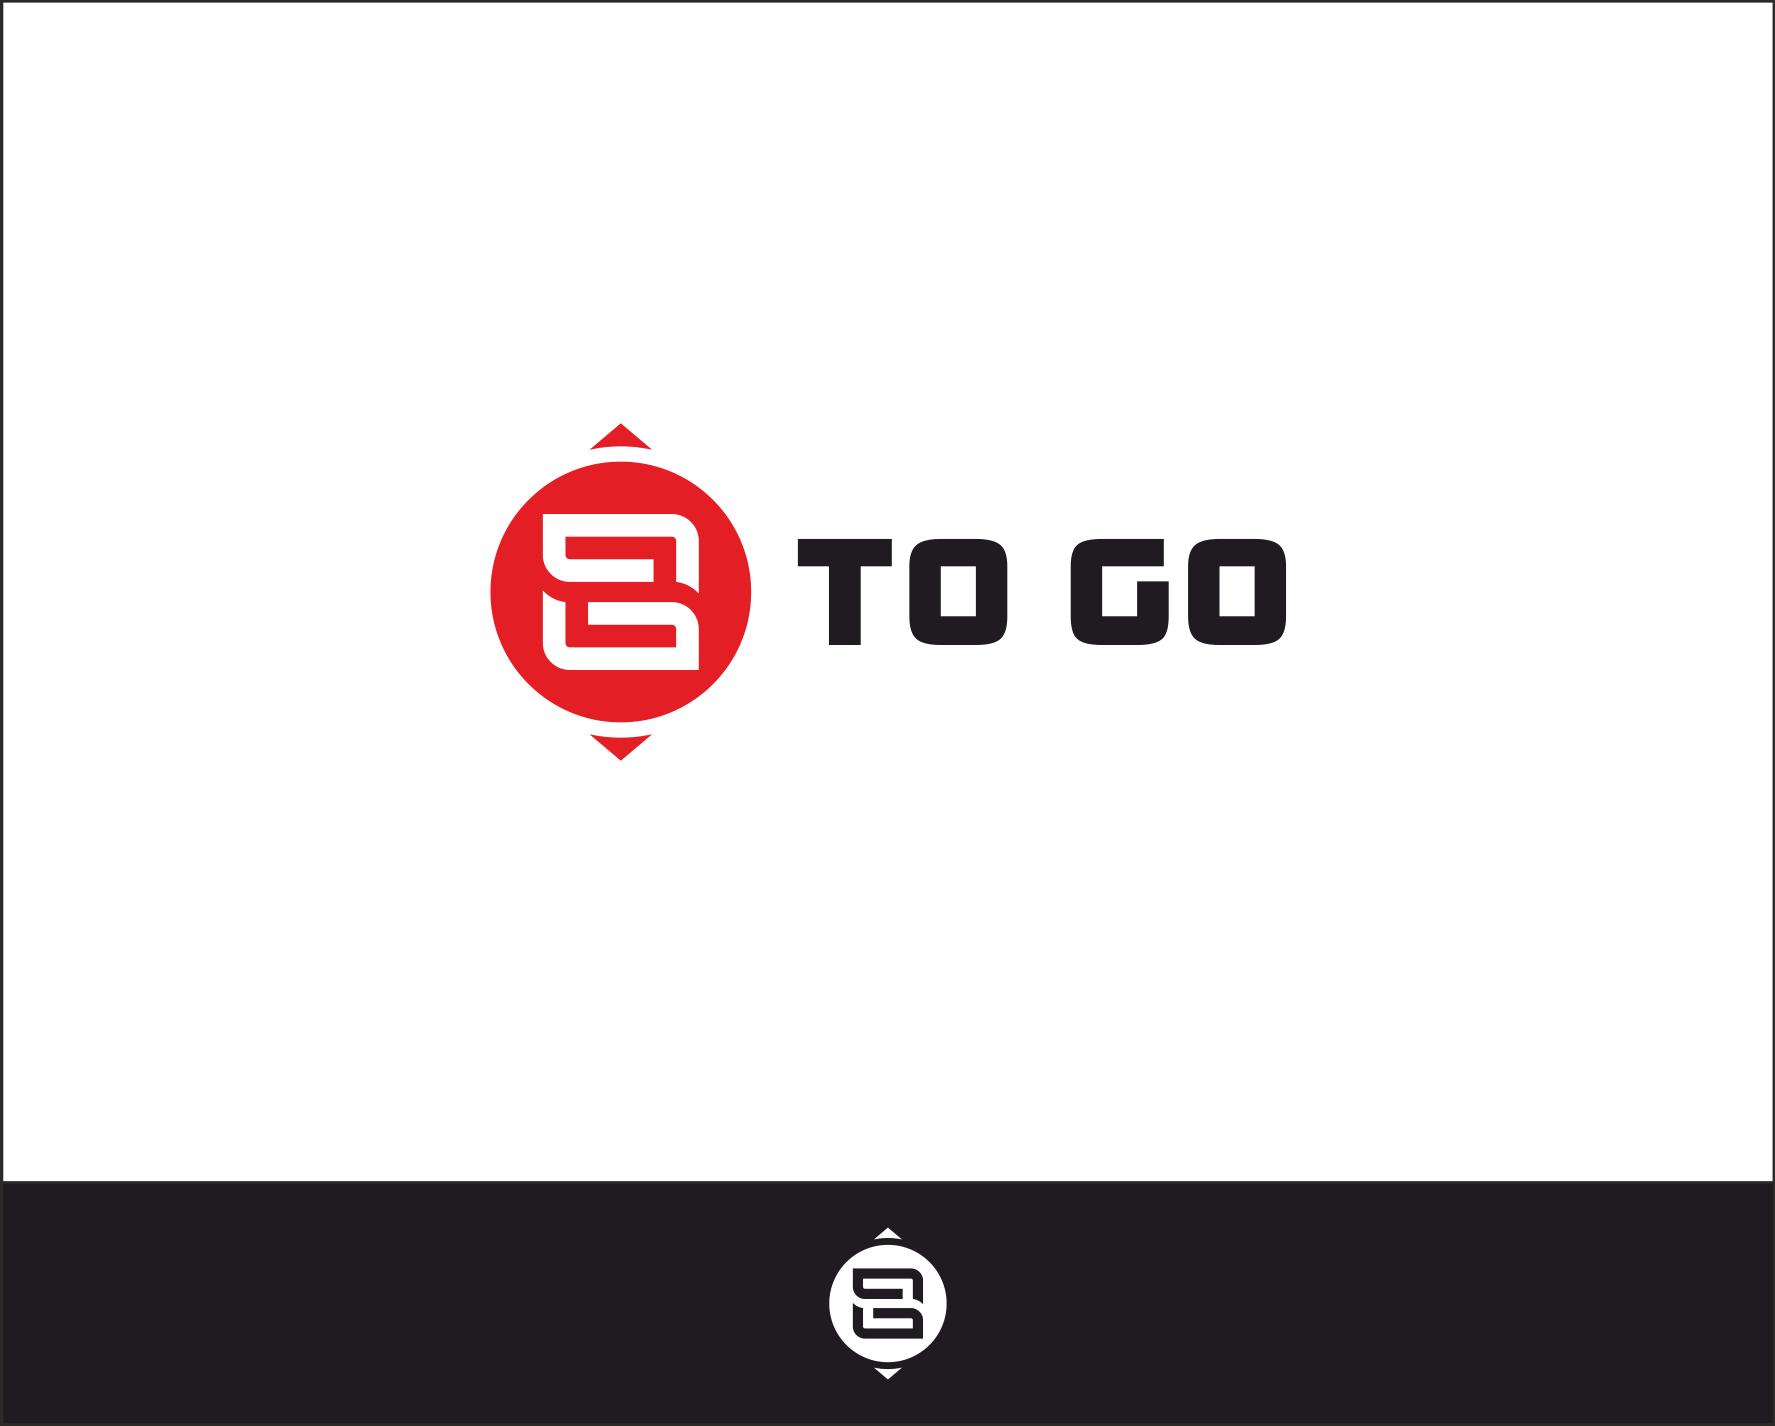 Разработать логотип и экран загрузки приложения фото f_4935a7d7b4dd79e5.png